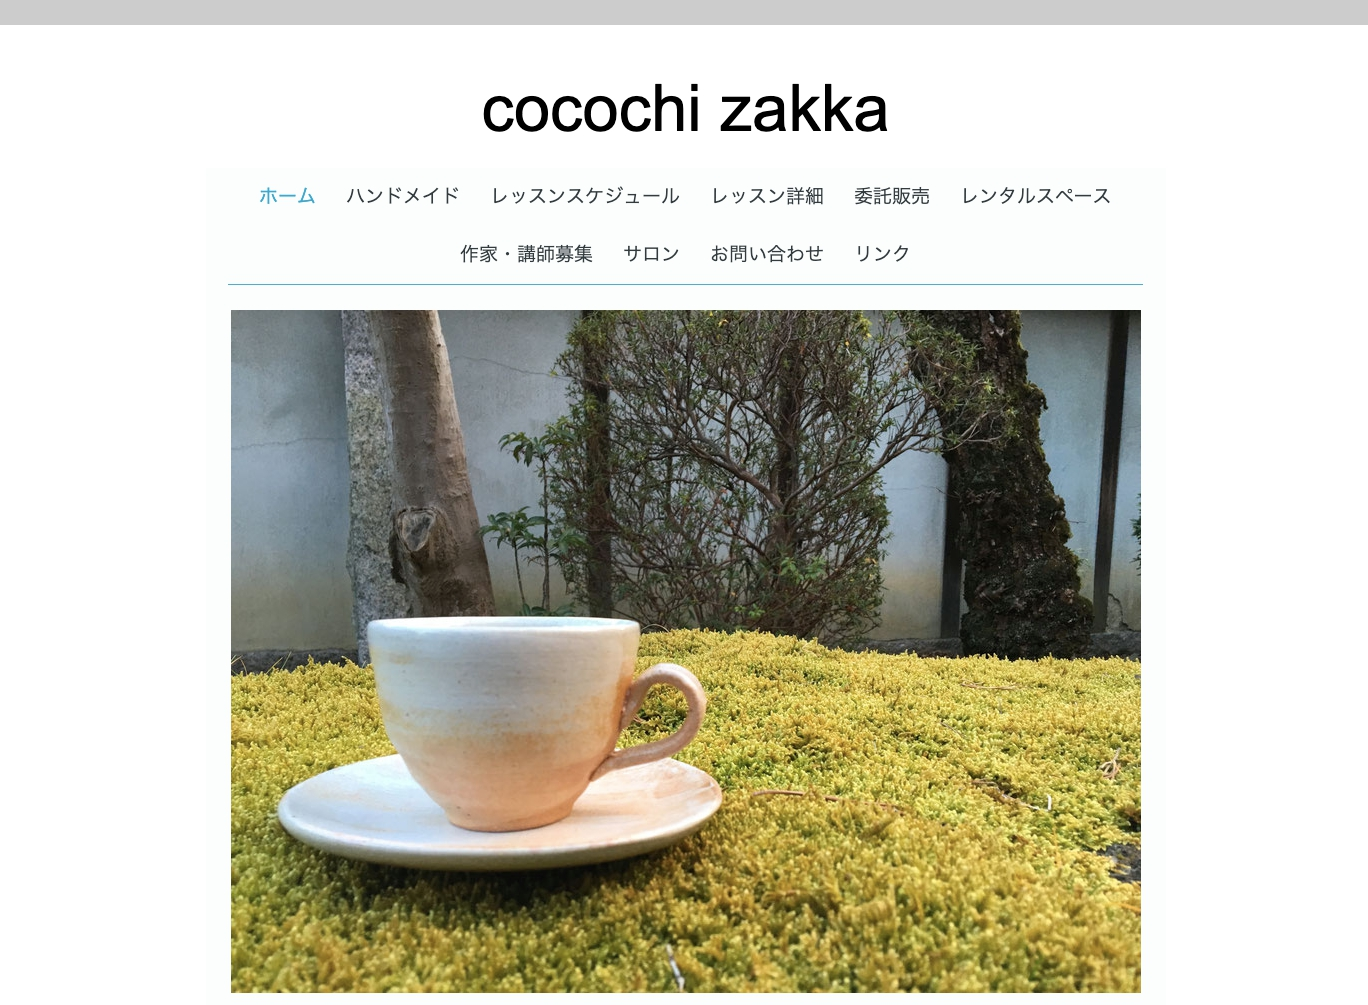 イベント・ワークショップ講師募集2019「cocochi zakka」